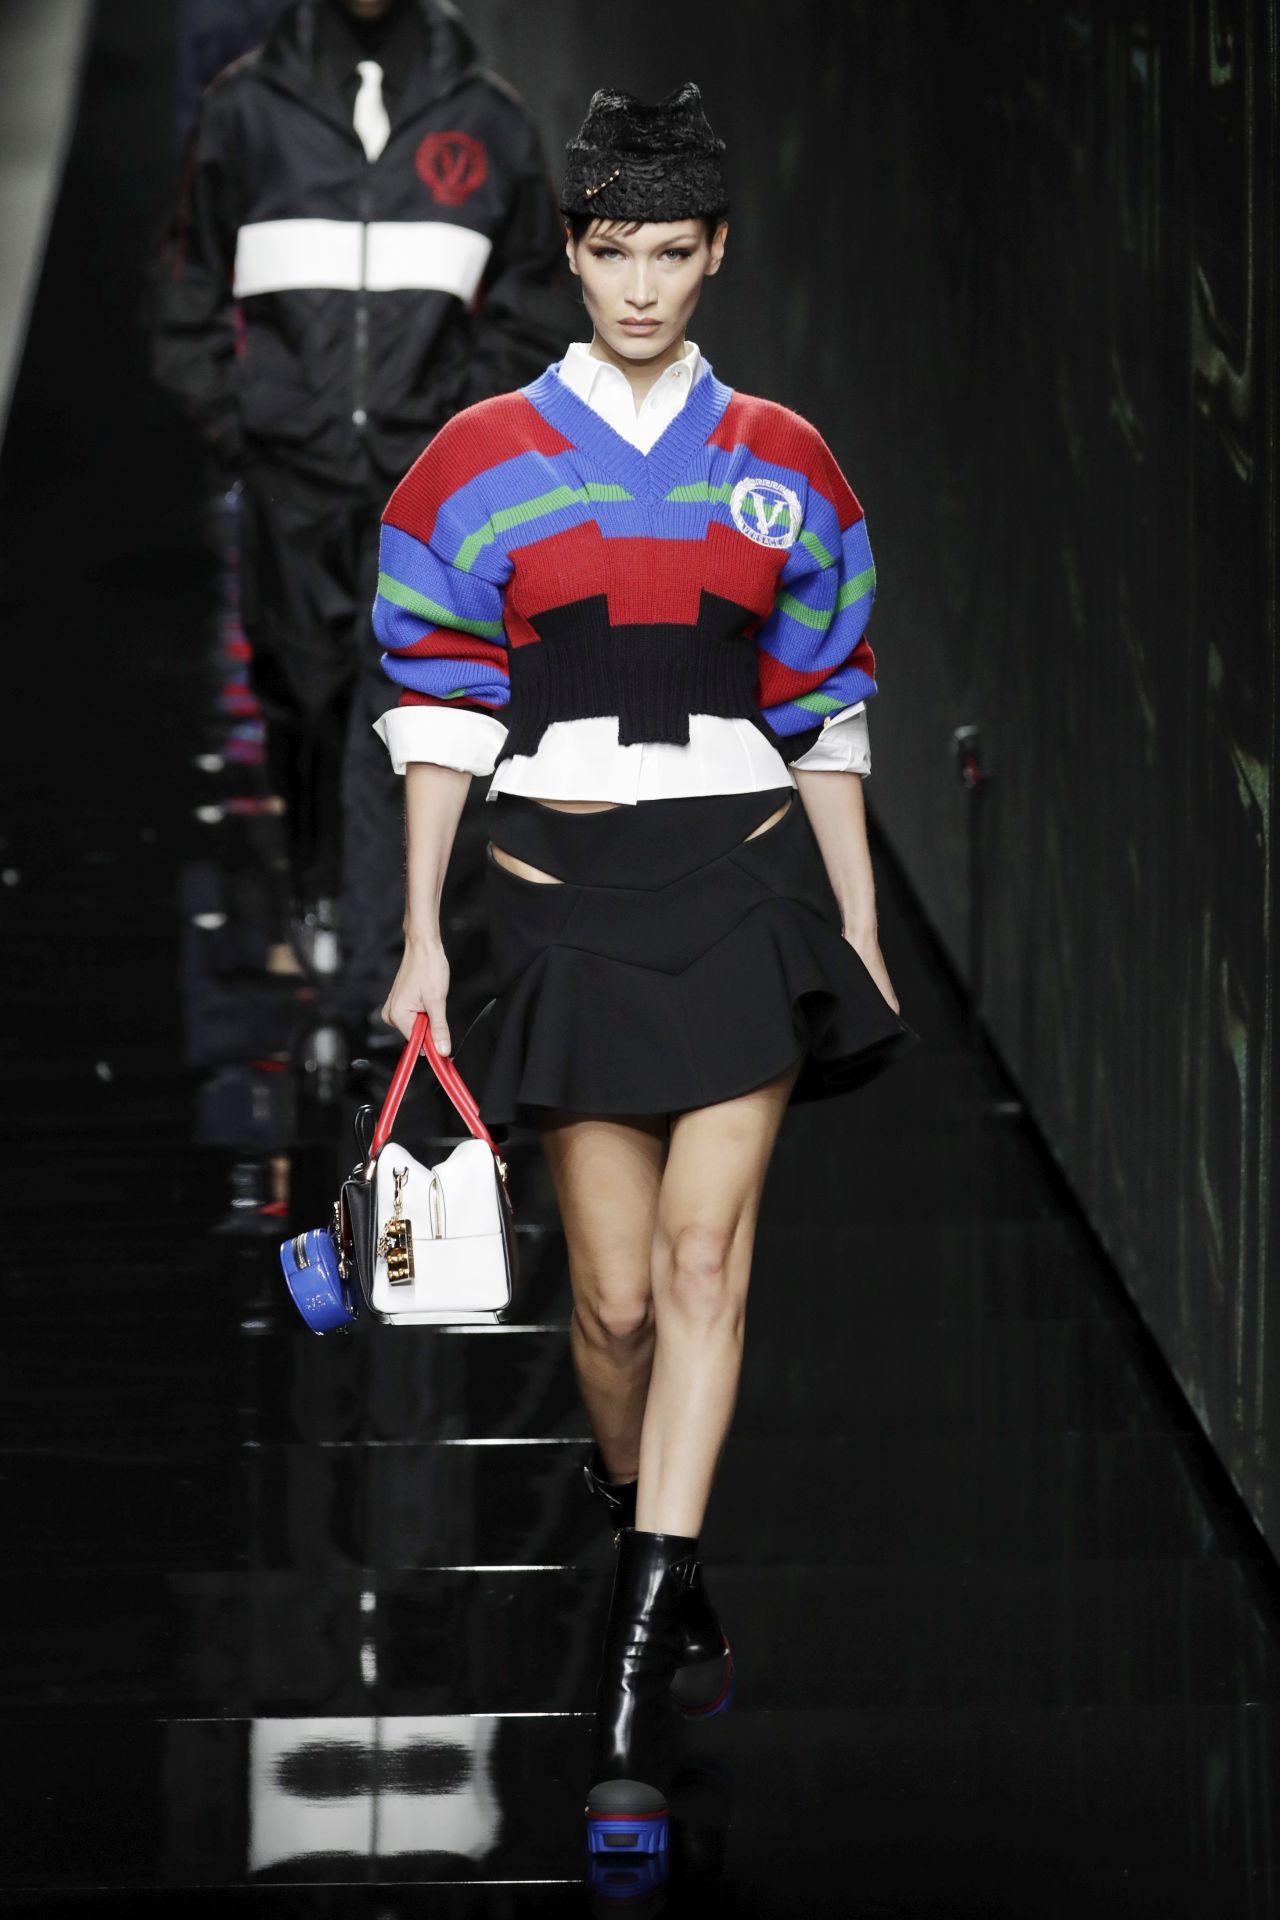 2. kép: Versace (Fotó: John Phillips/WireImage)